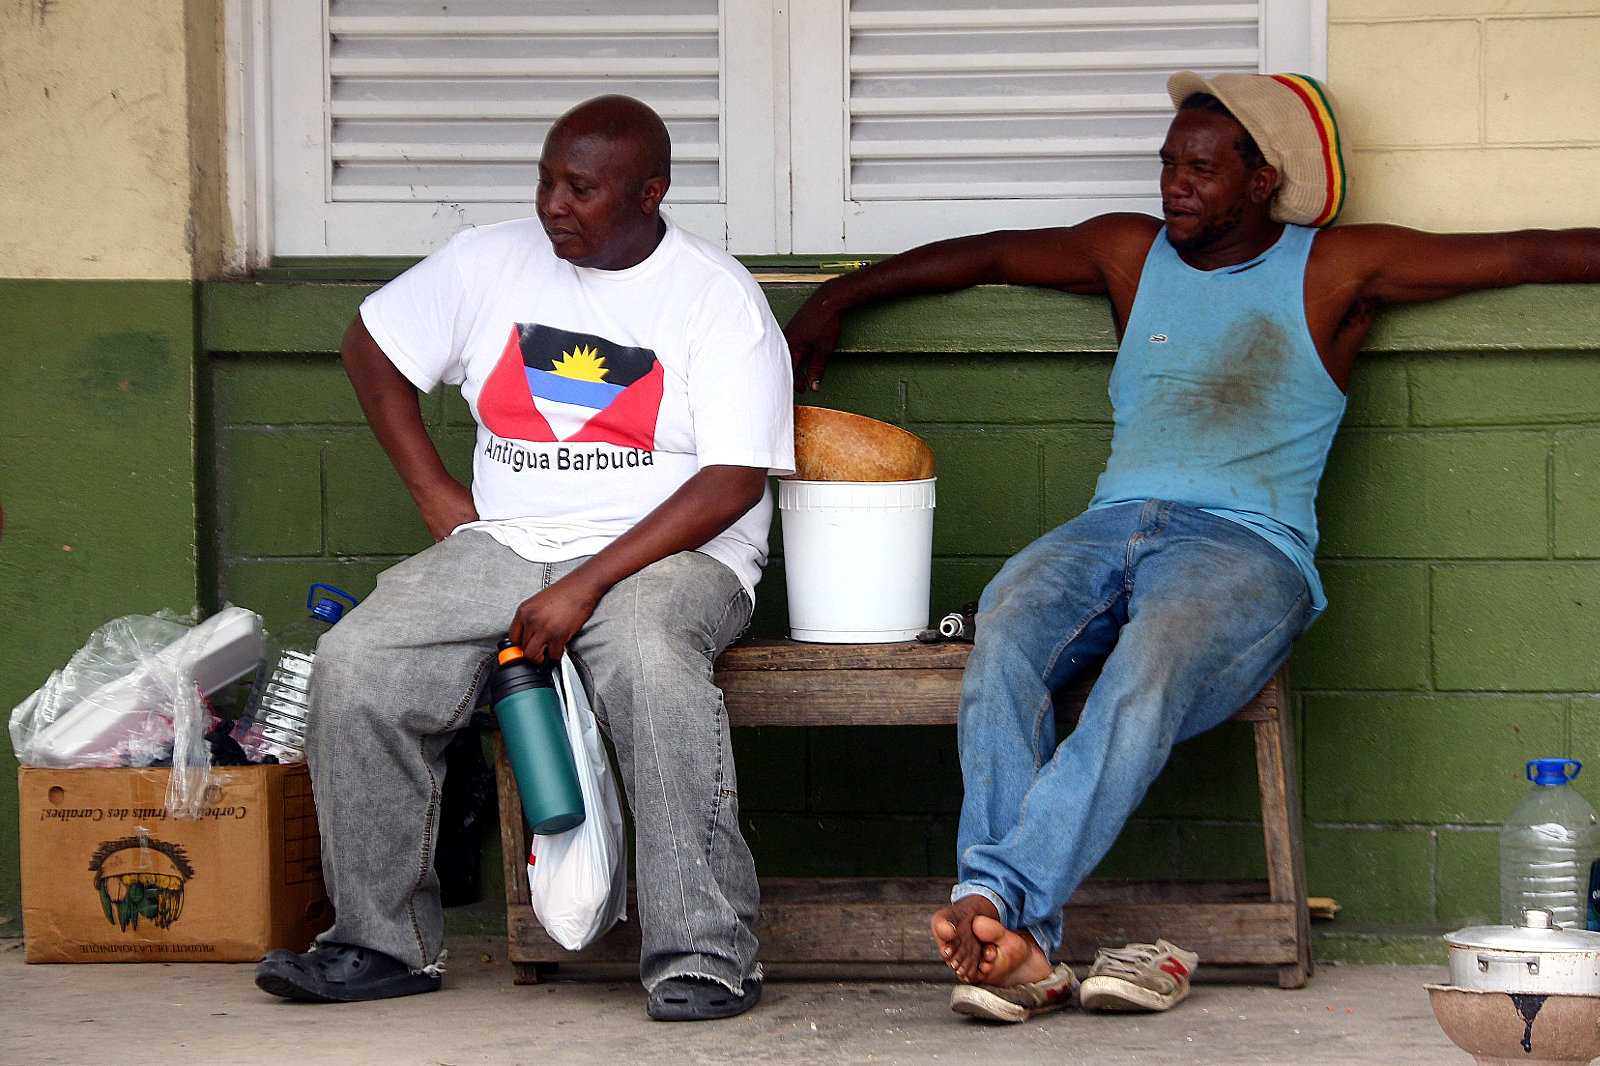 Antigua i Barbuda, czarni potomkowie niewolników, mieszkańcy St. John's